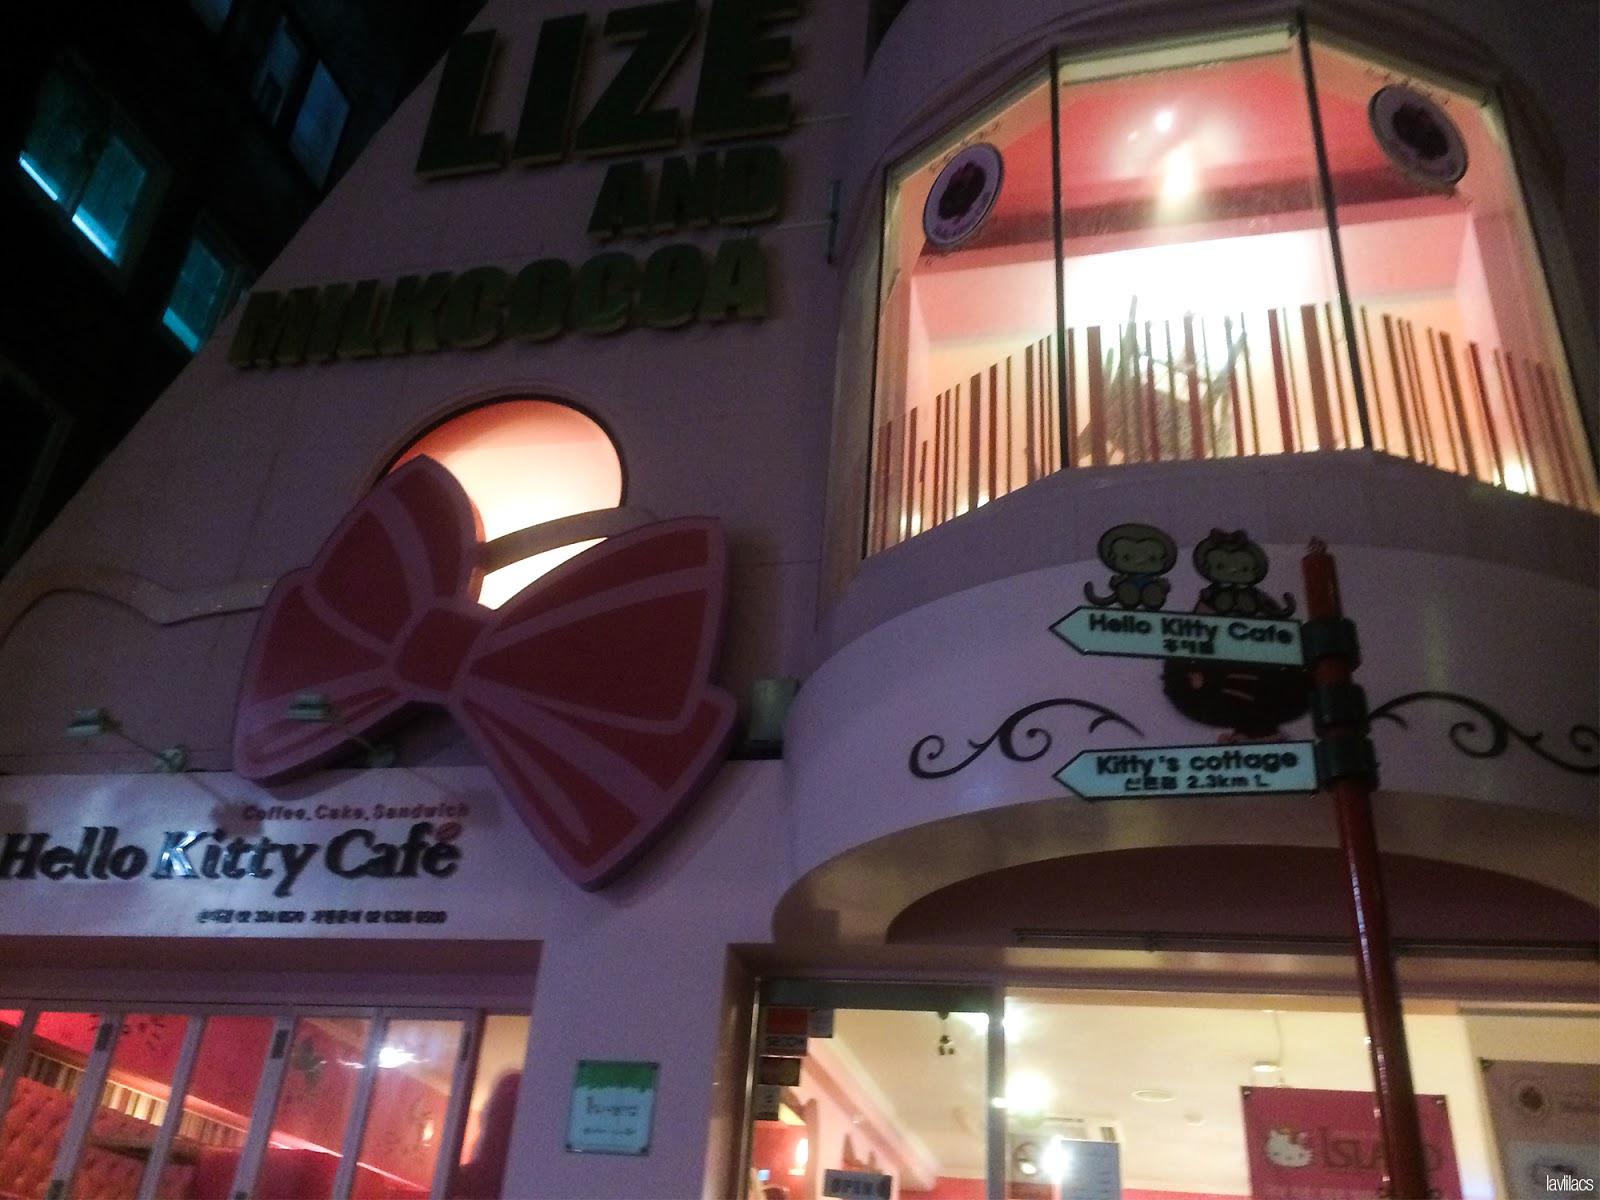 Seoul, Korea - Summer Study Abroad 2014 - Hongdae Hello Kitty Cafe outside